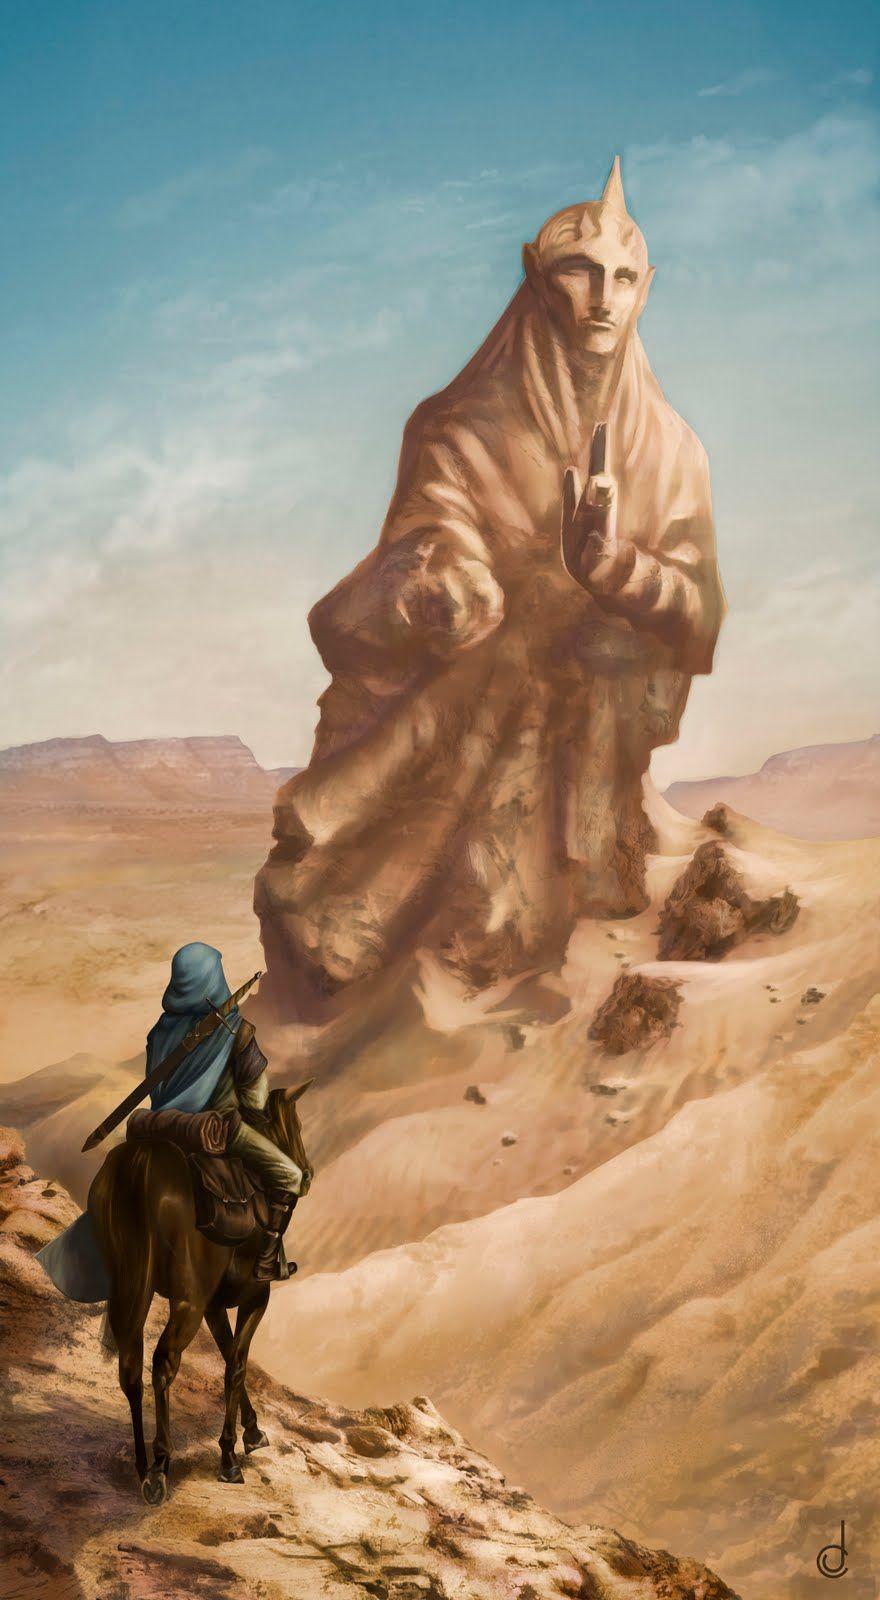 Estatua-desierto-Neferu.jpg (880×1600)